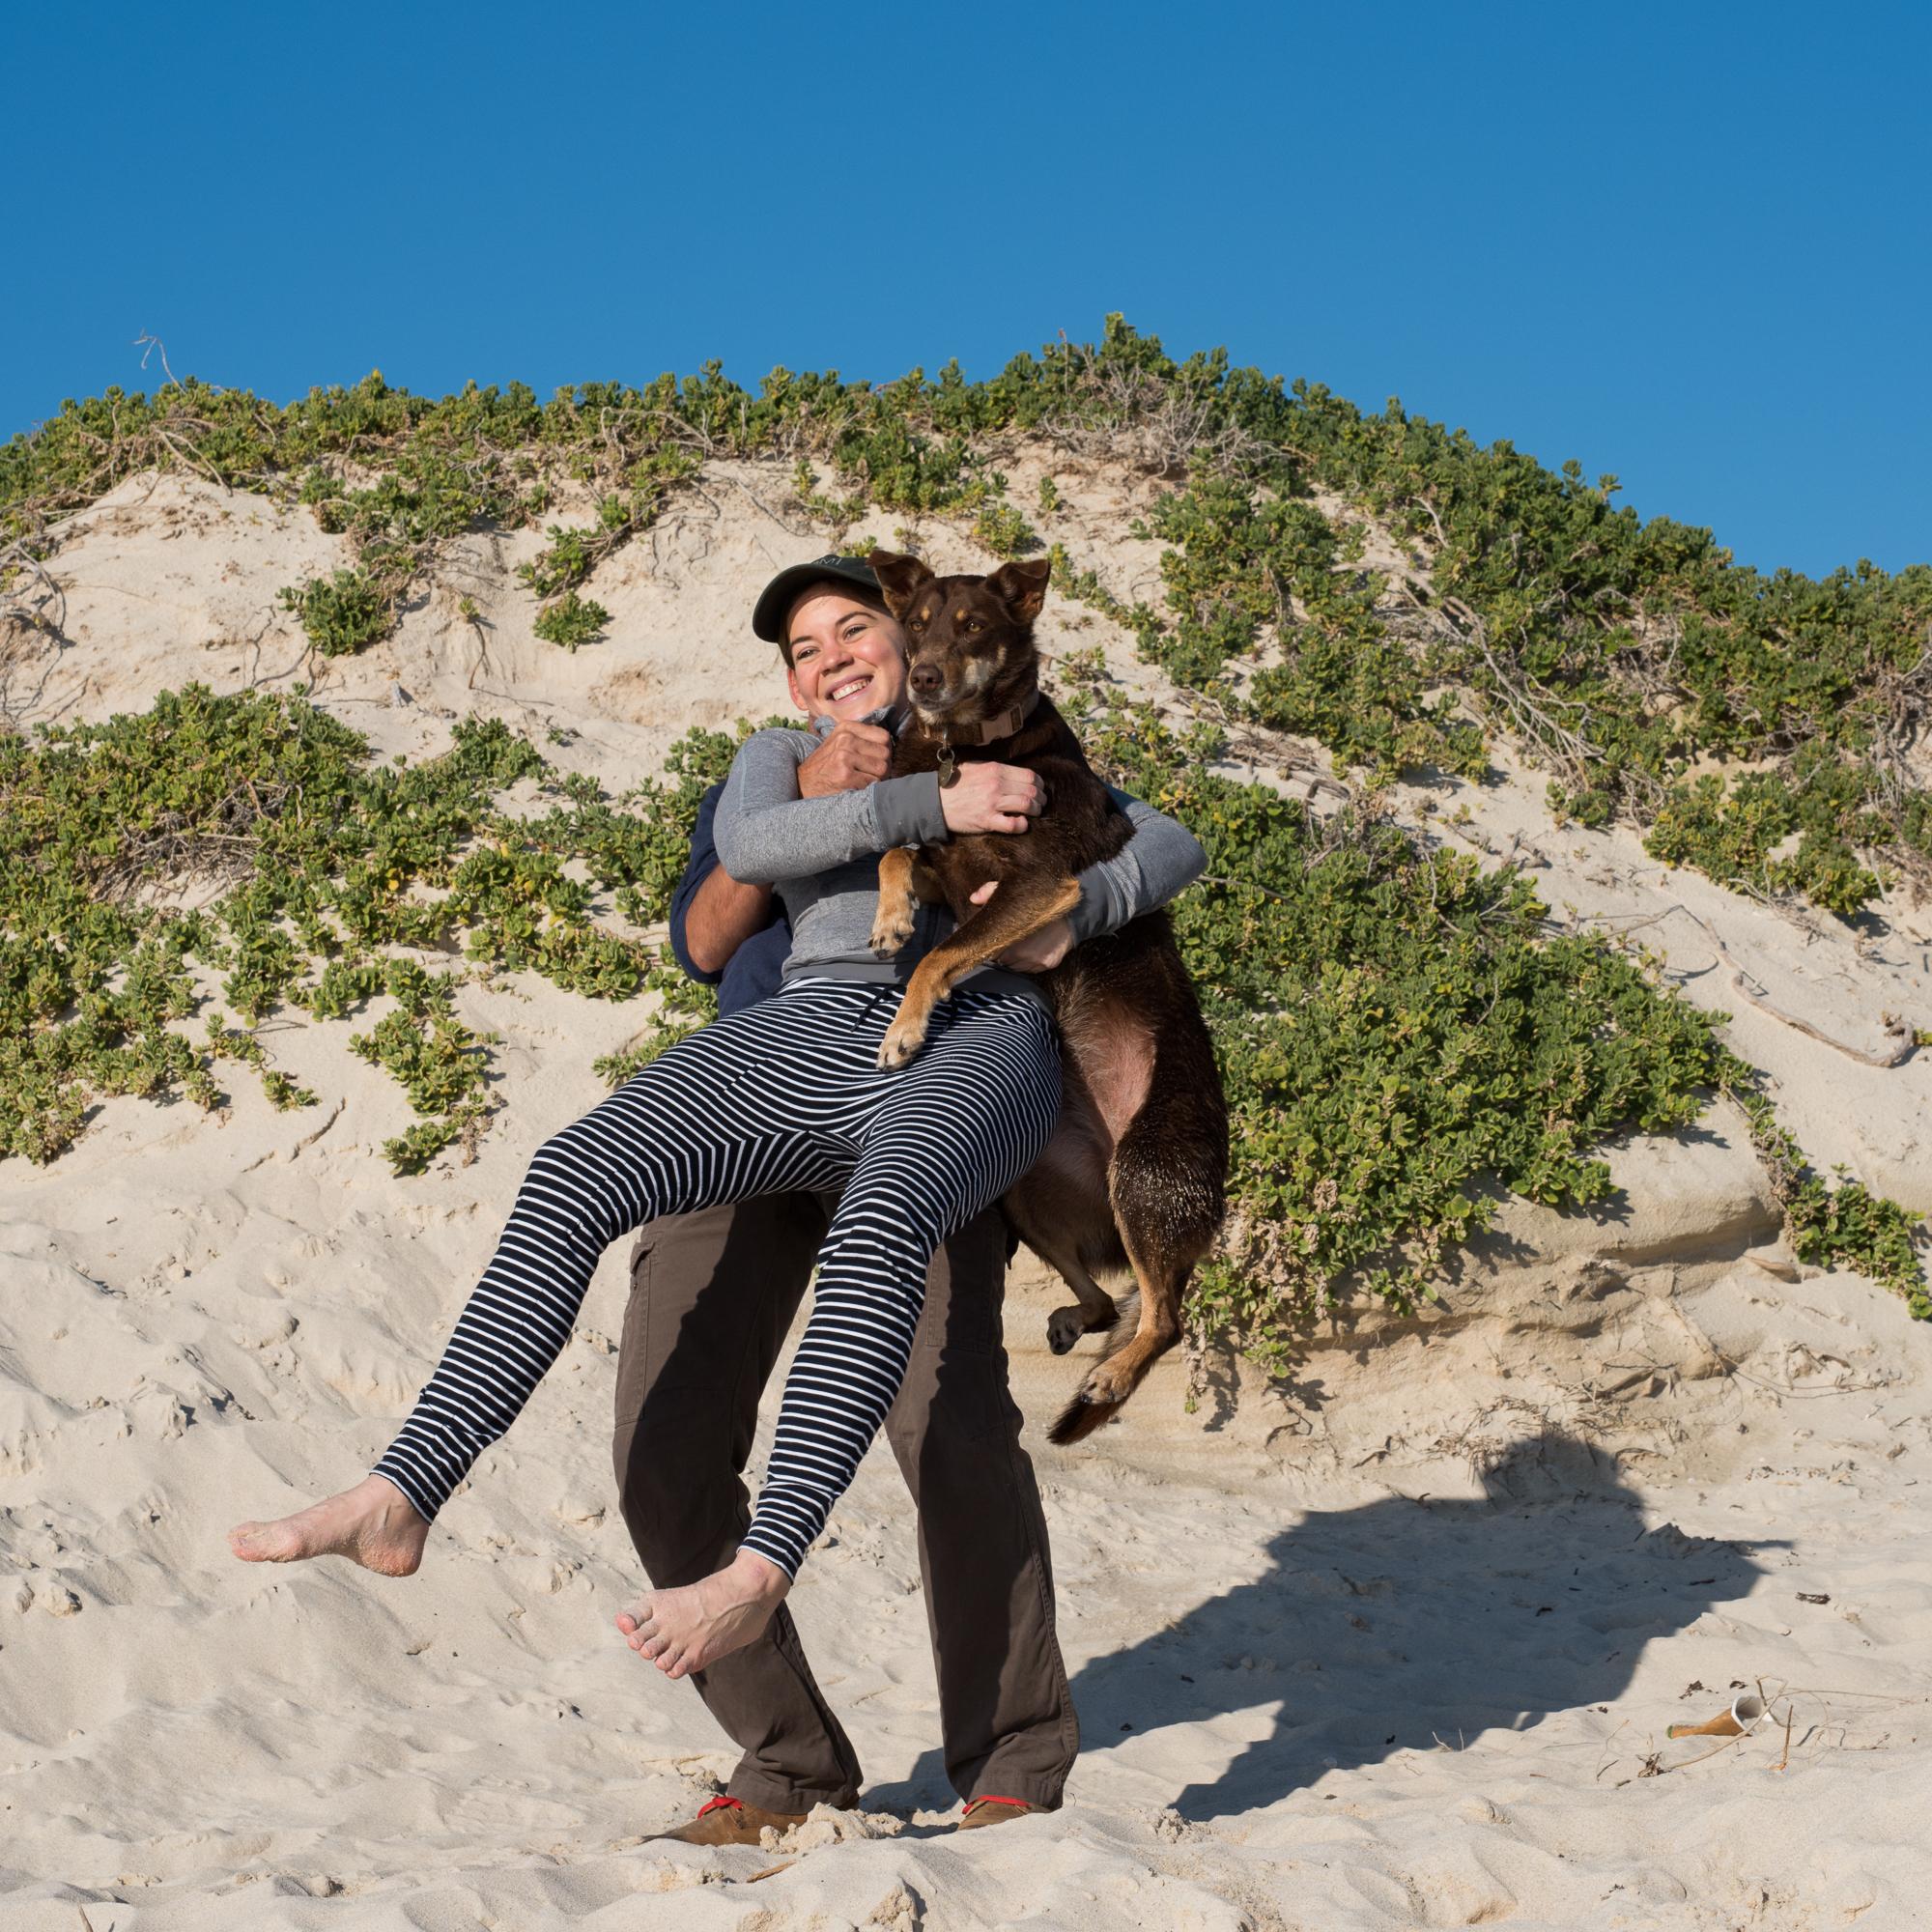 Dog Beach Perth - To work like a dog